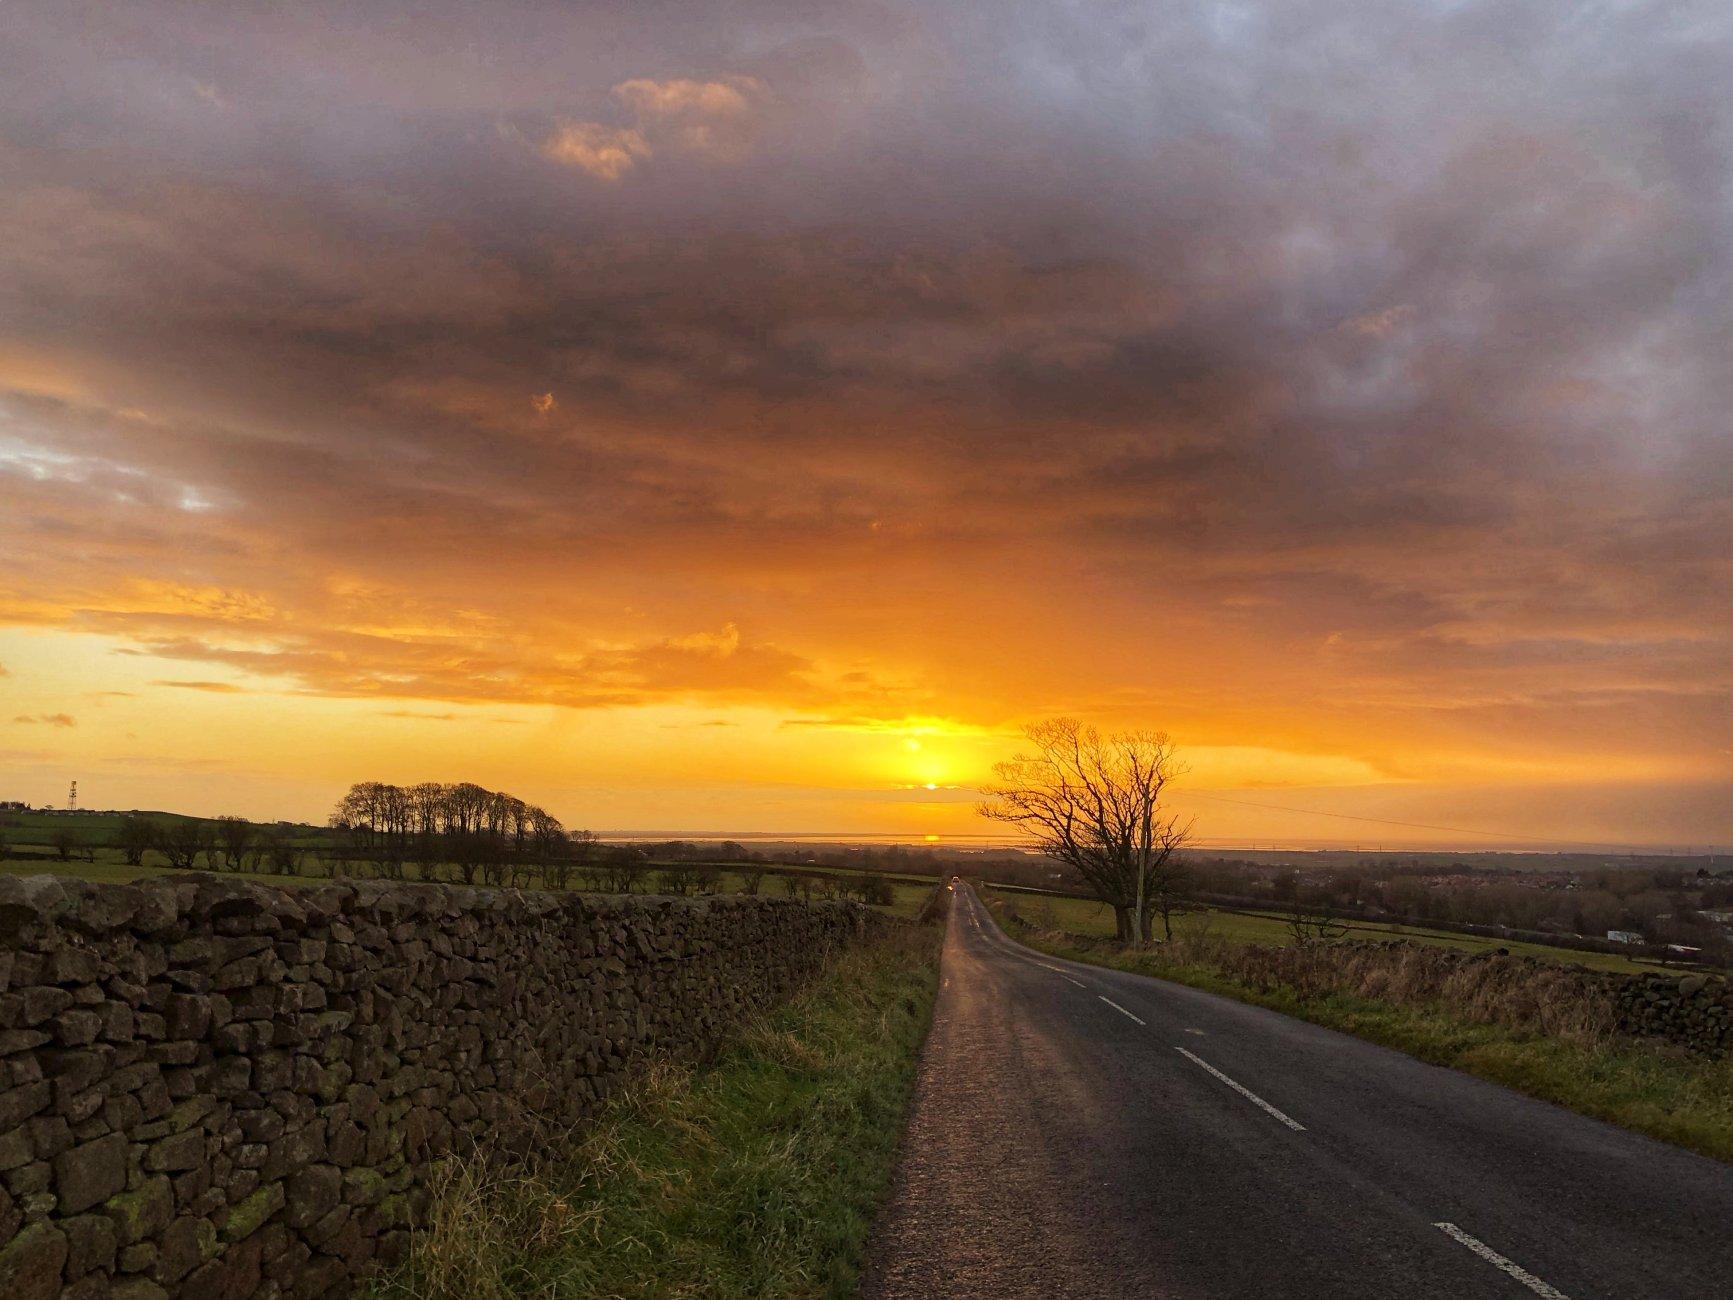 Walking to the setting sun